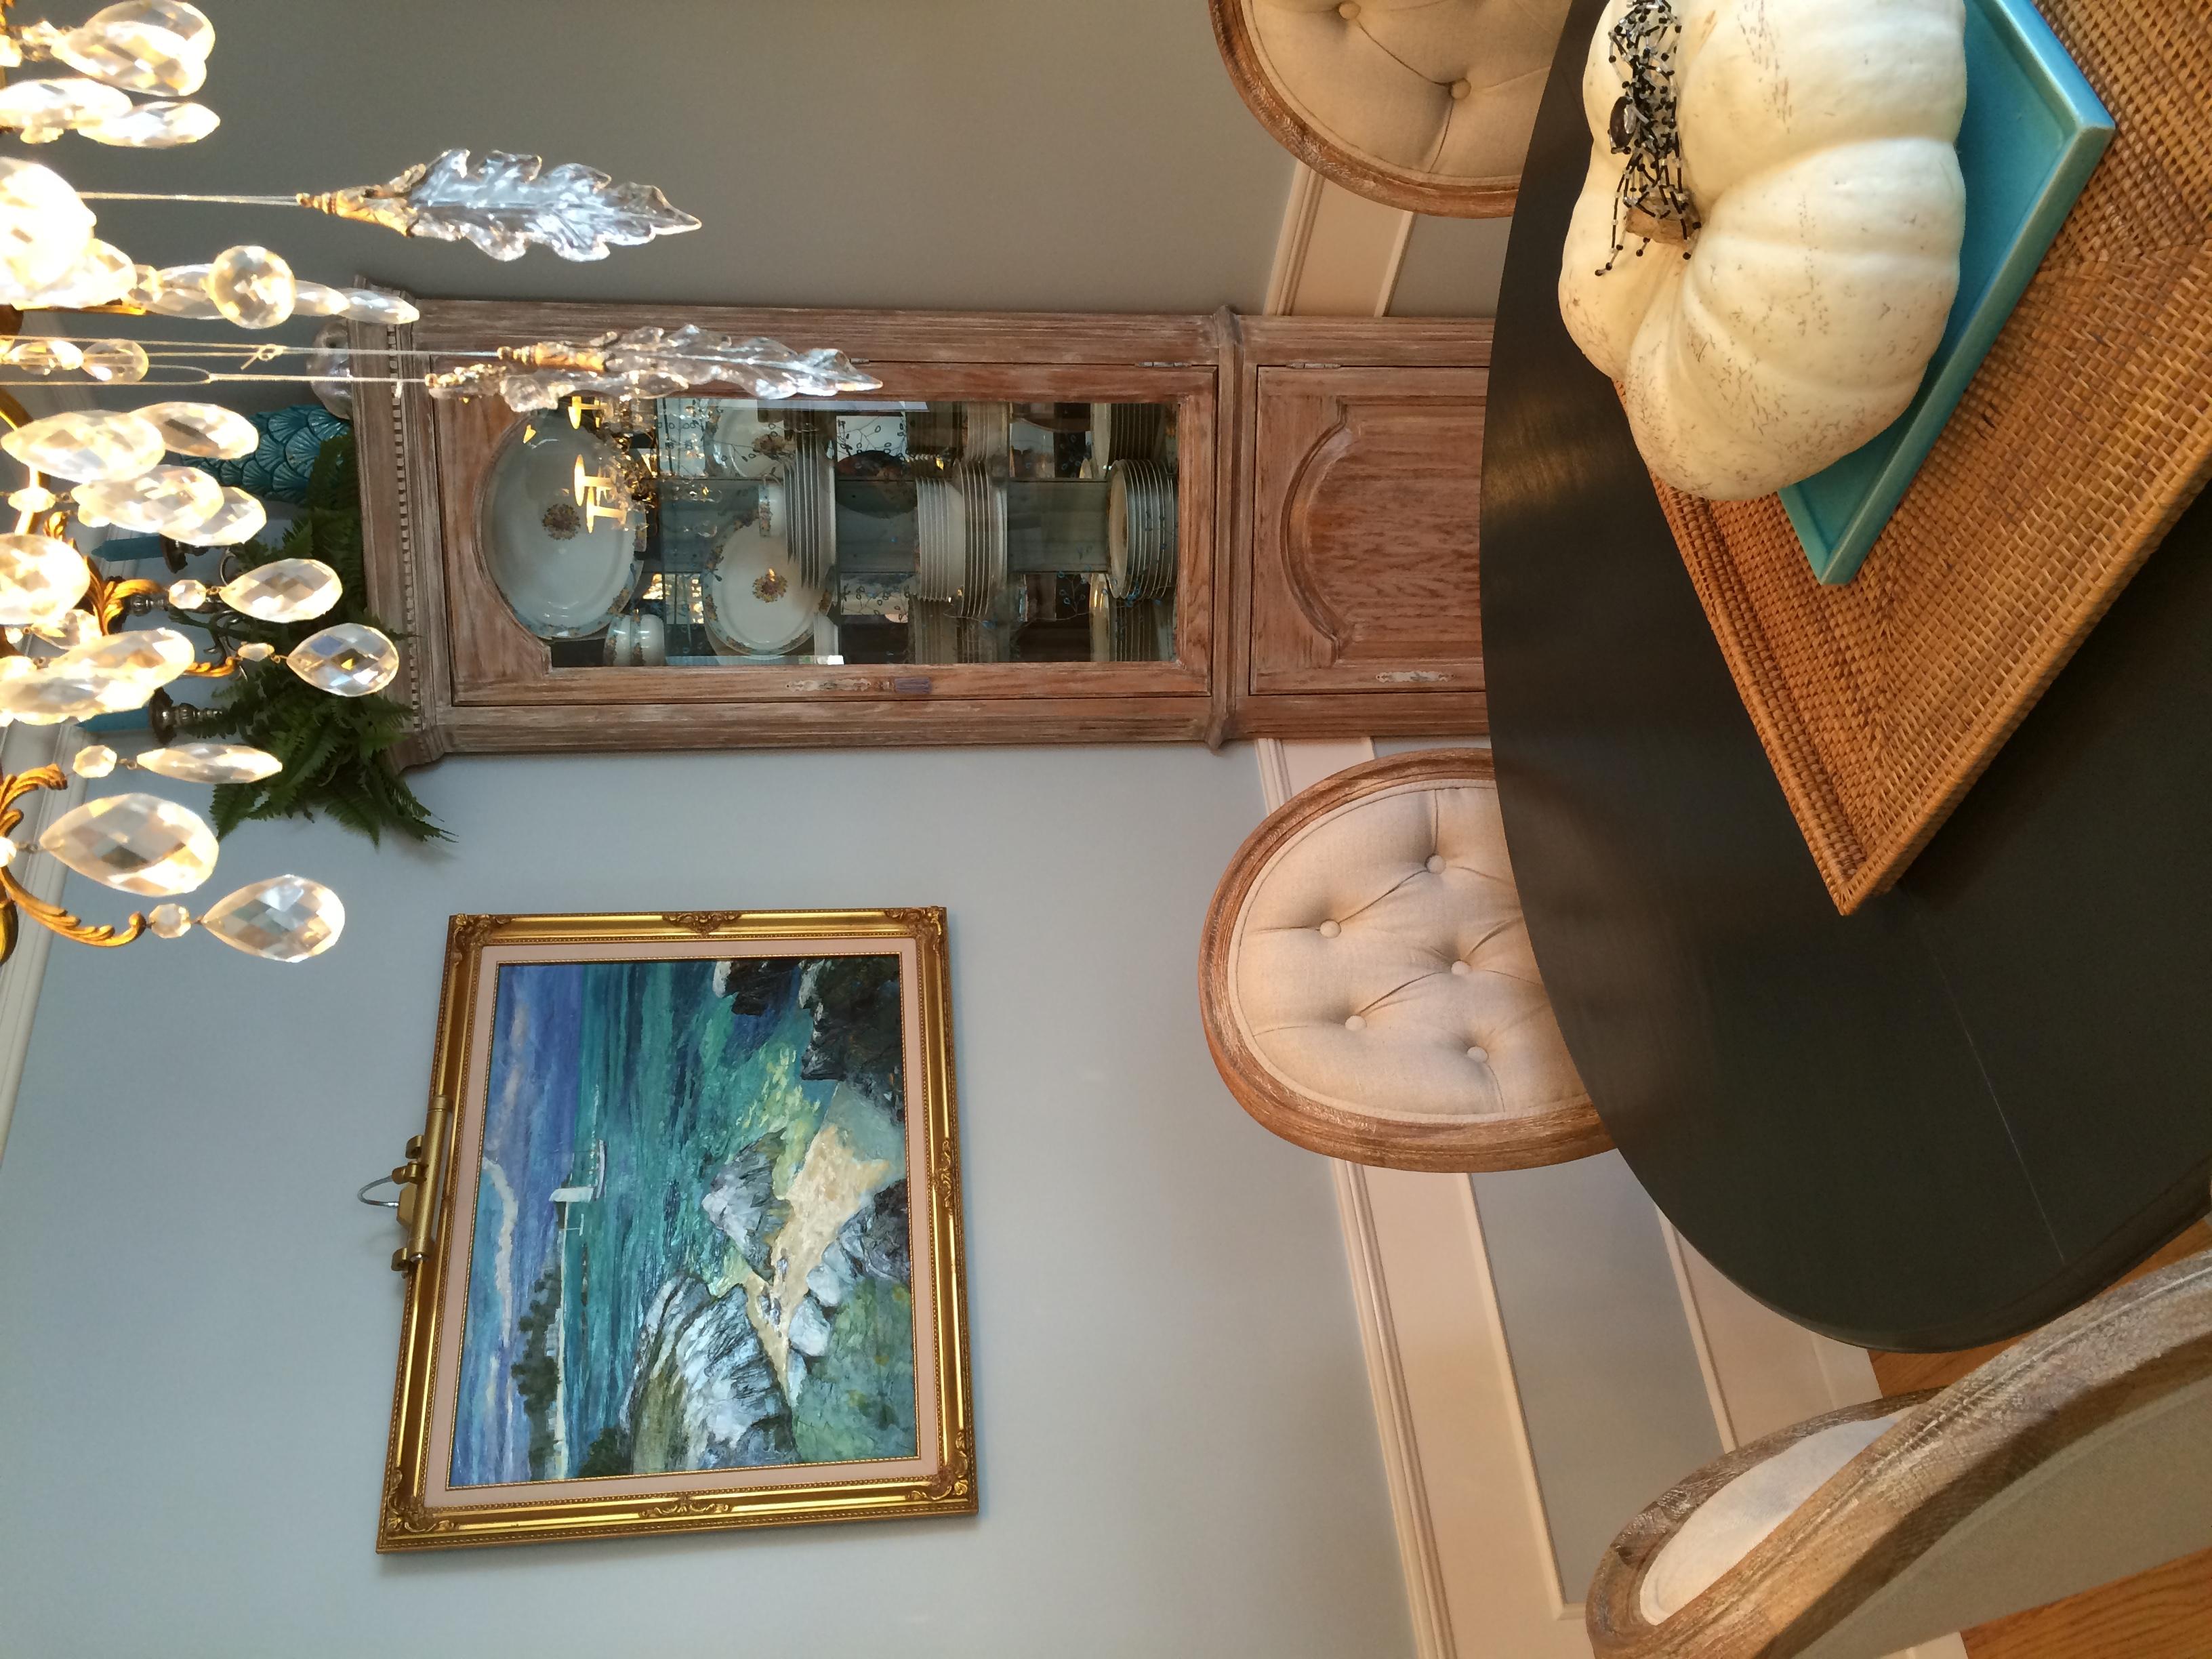 Oak Corner Cabinet - After